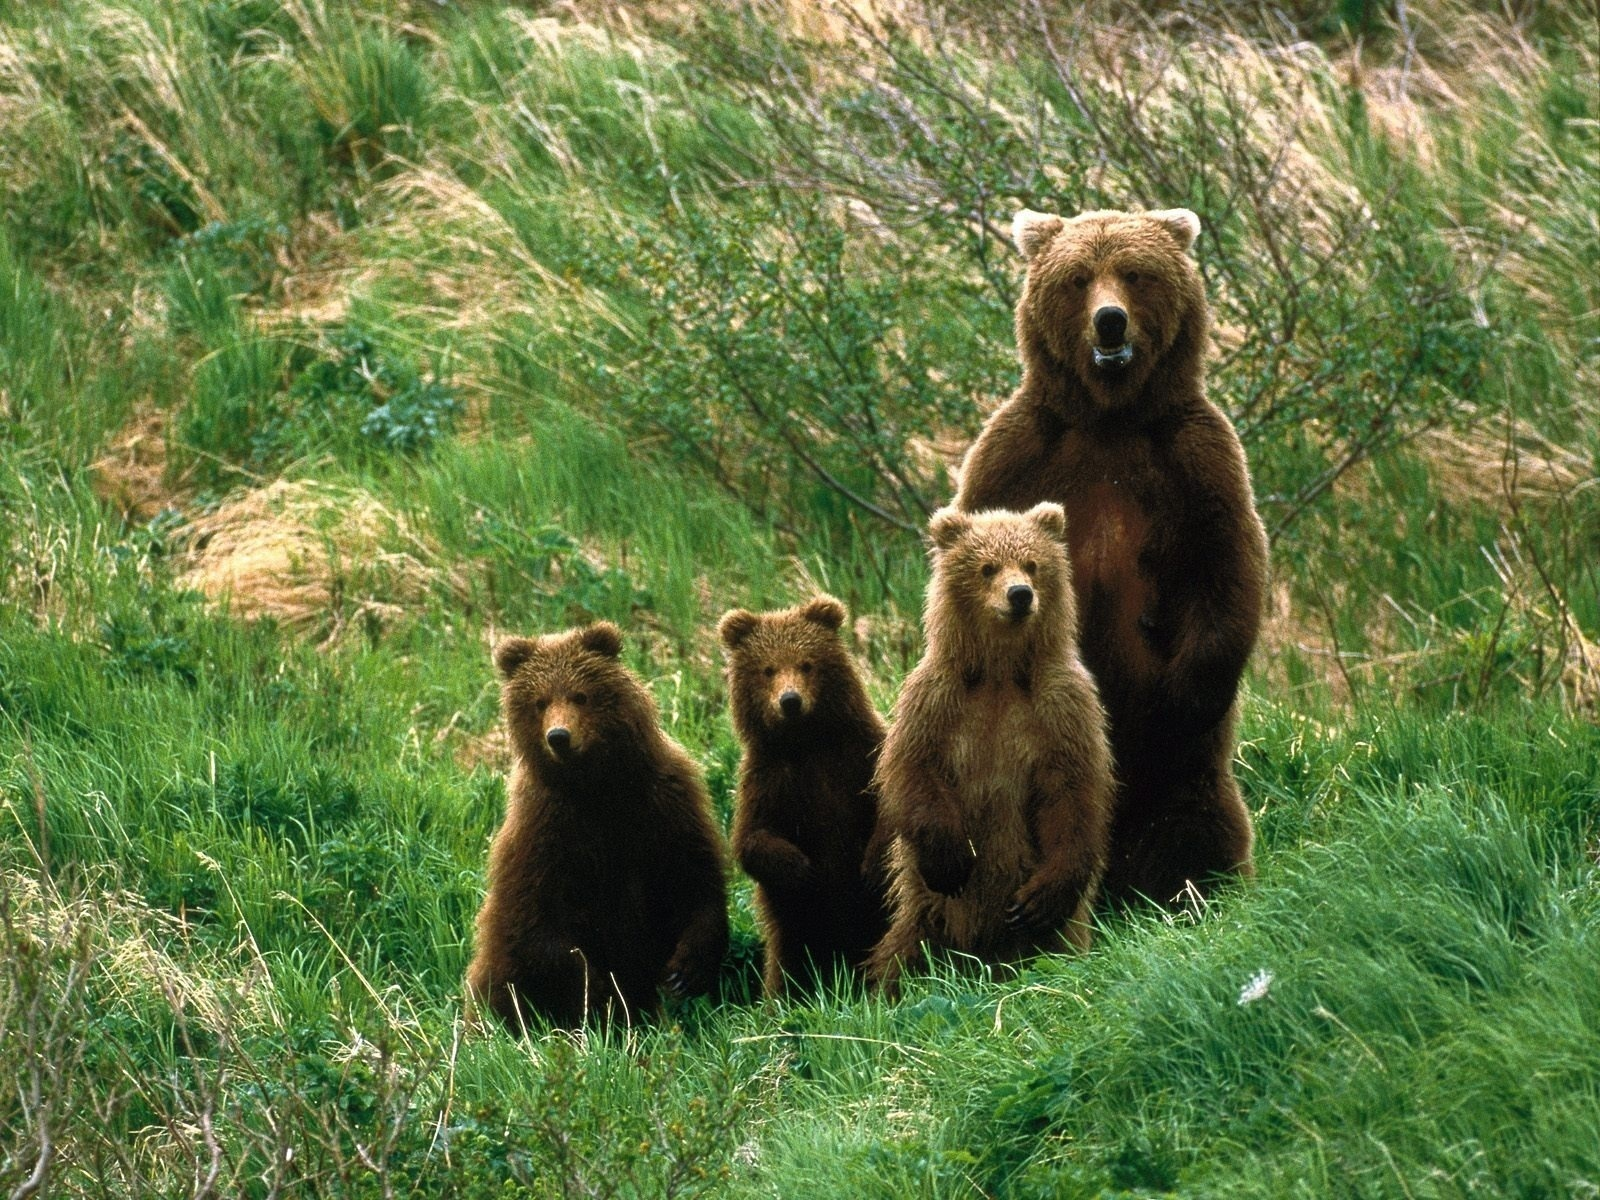 Wallpaper bär und drei jungen bären / bears